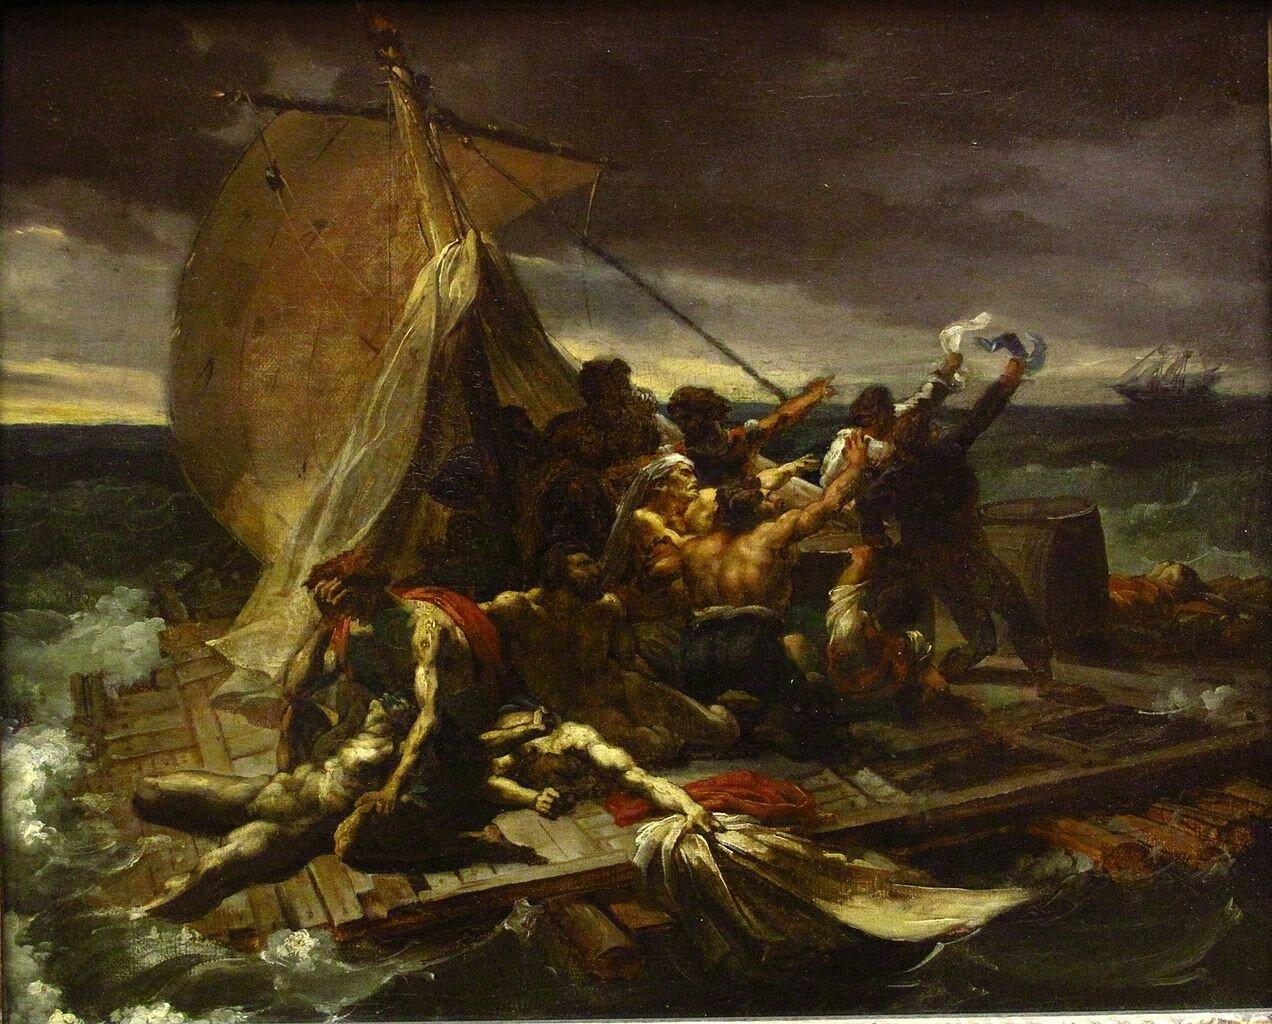 Théodore_Géricault_-_Le_Radeau_de_la_Méduse_esquisse_(salon_de_1819).jpg